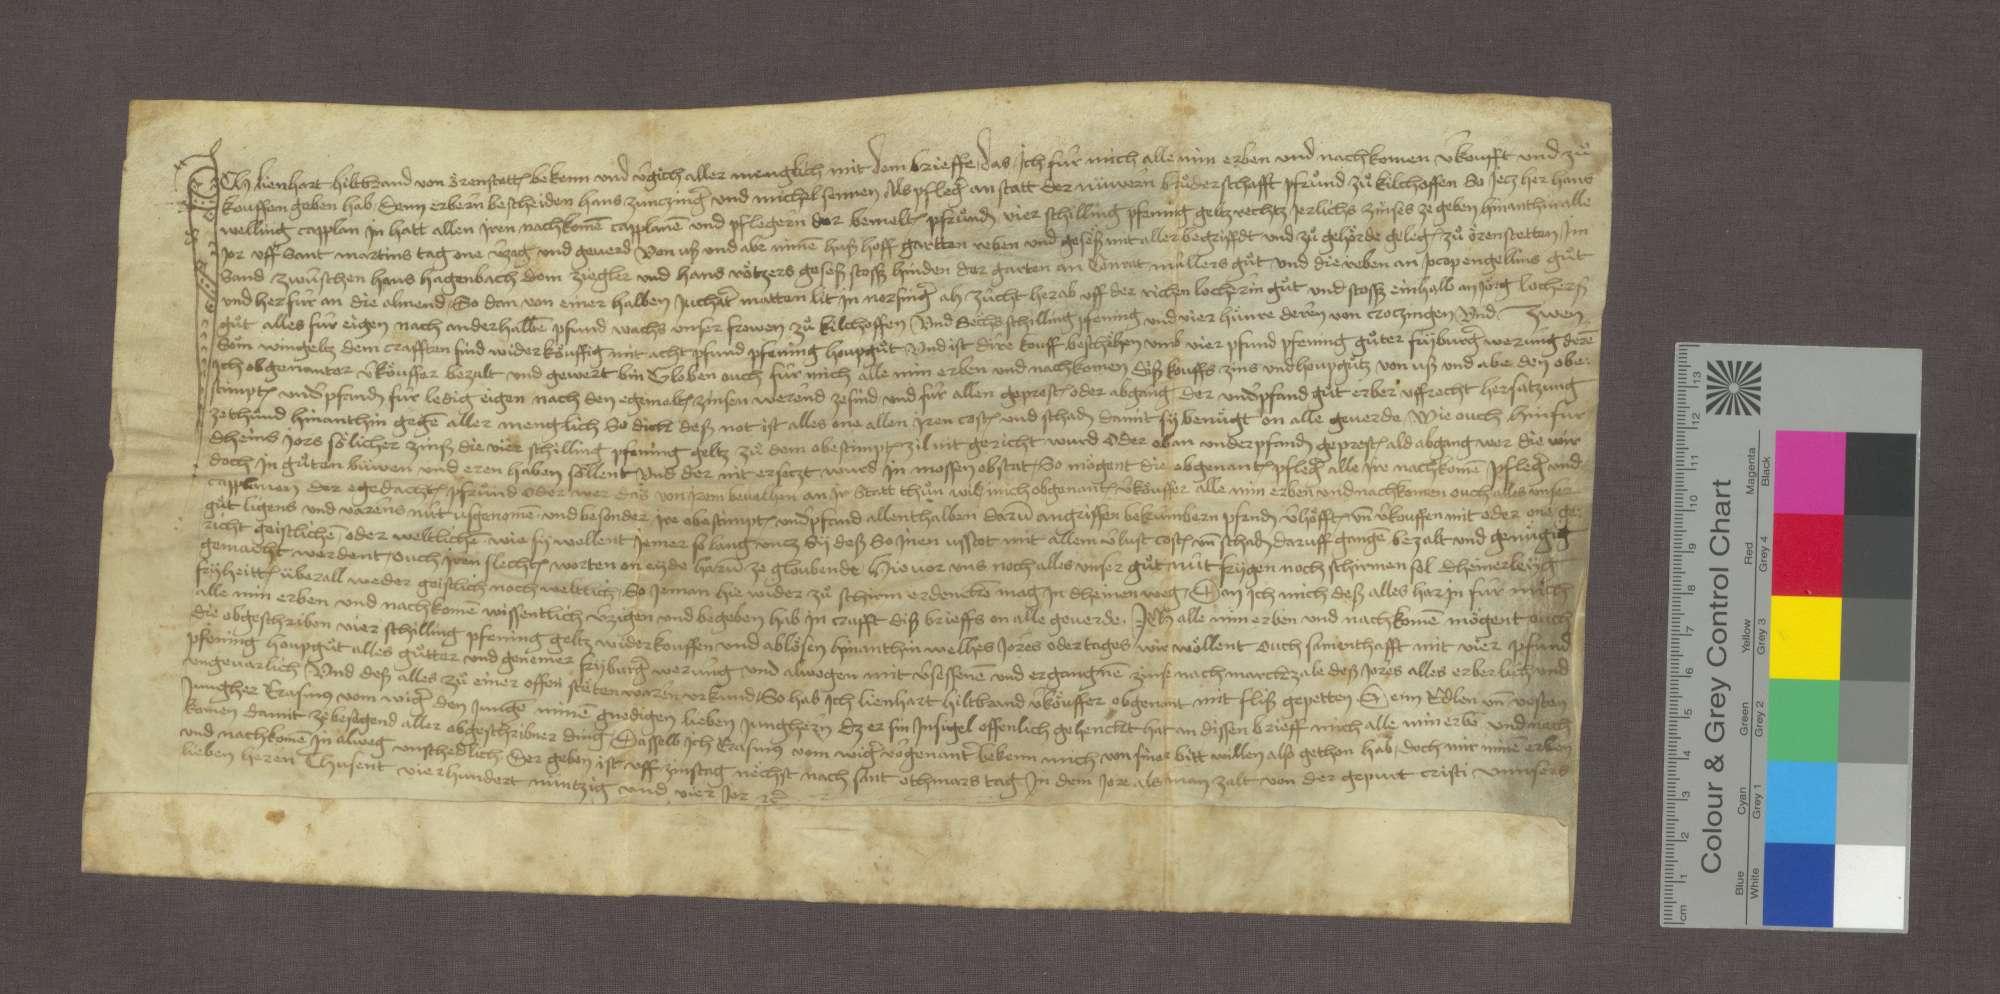 Zinsbrief des Lienhart Hiltprand zu Ehrenstetten für die neuere Bruderschaft zu Kirchhofen., Bild 1